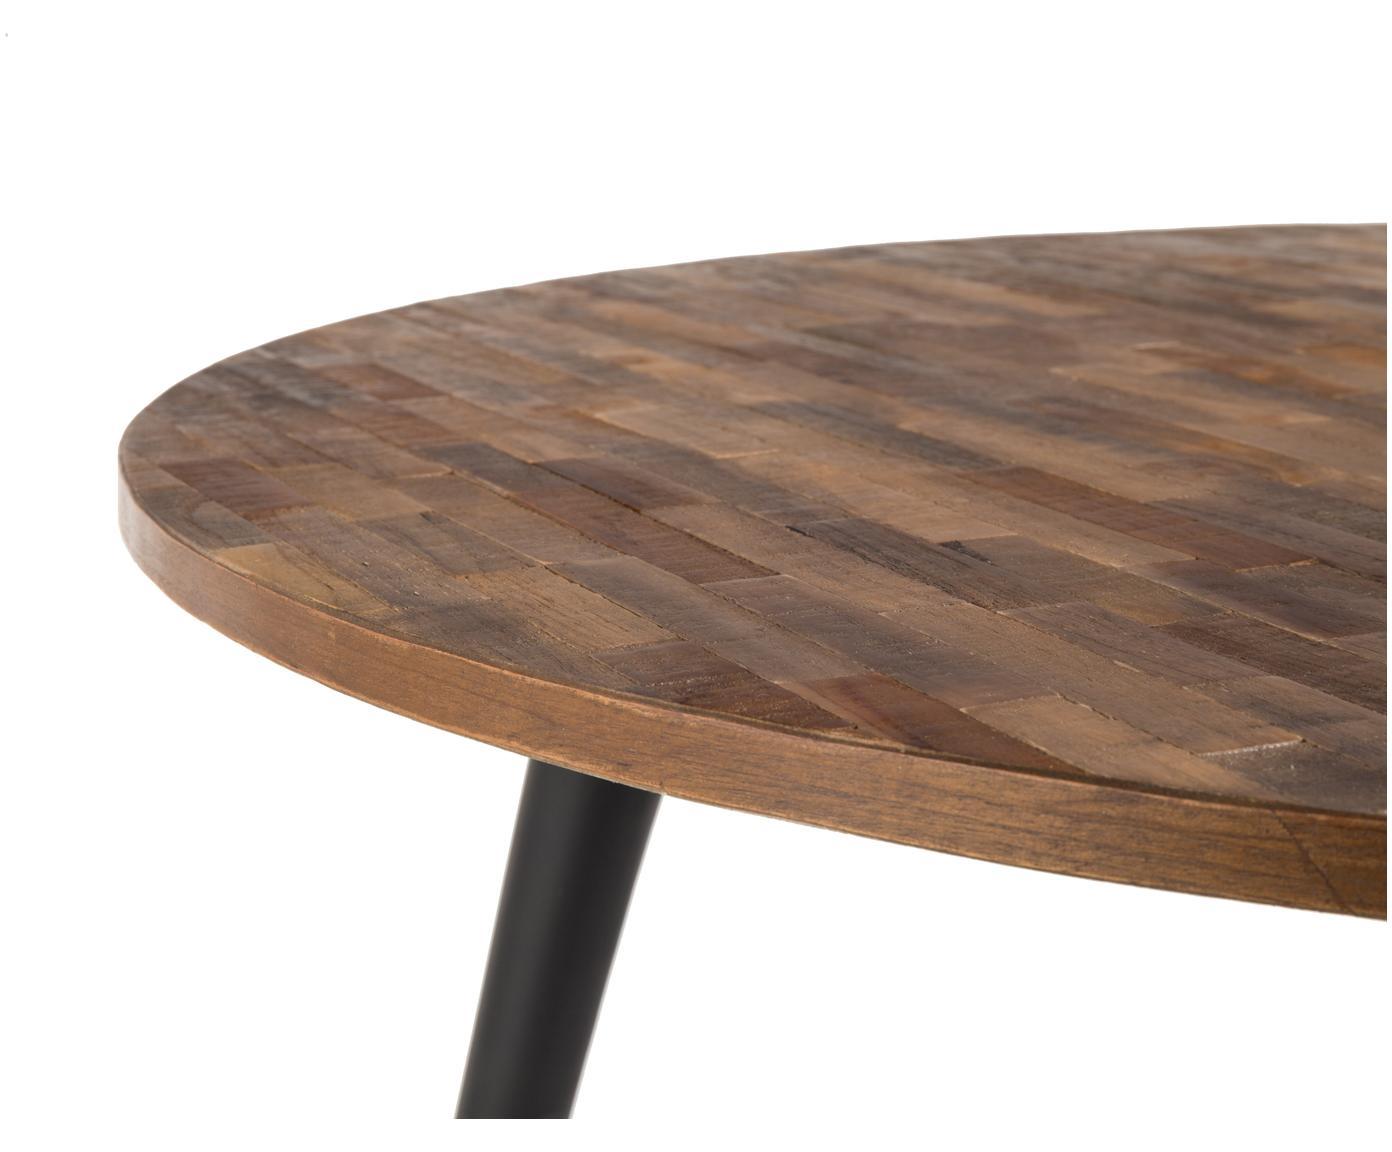 Runder Esstisch Mo mit Teakholzplatte, Beine: Stahl, lackiert und besch, Tischplatte: TeakholzBeine: Schwarz, Ø 110 x H 76 cm